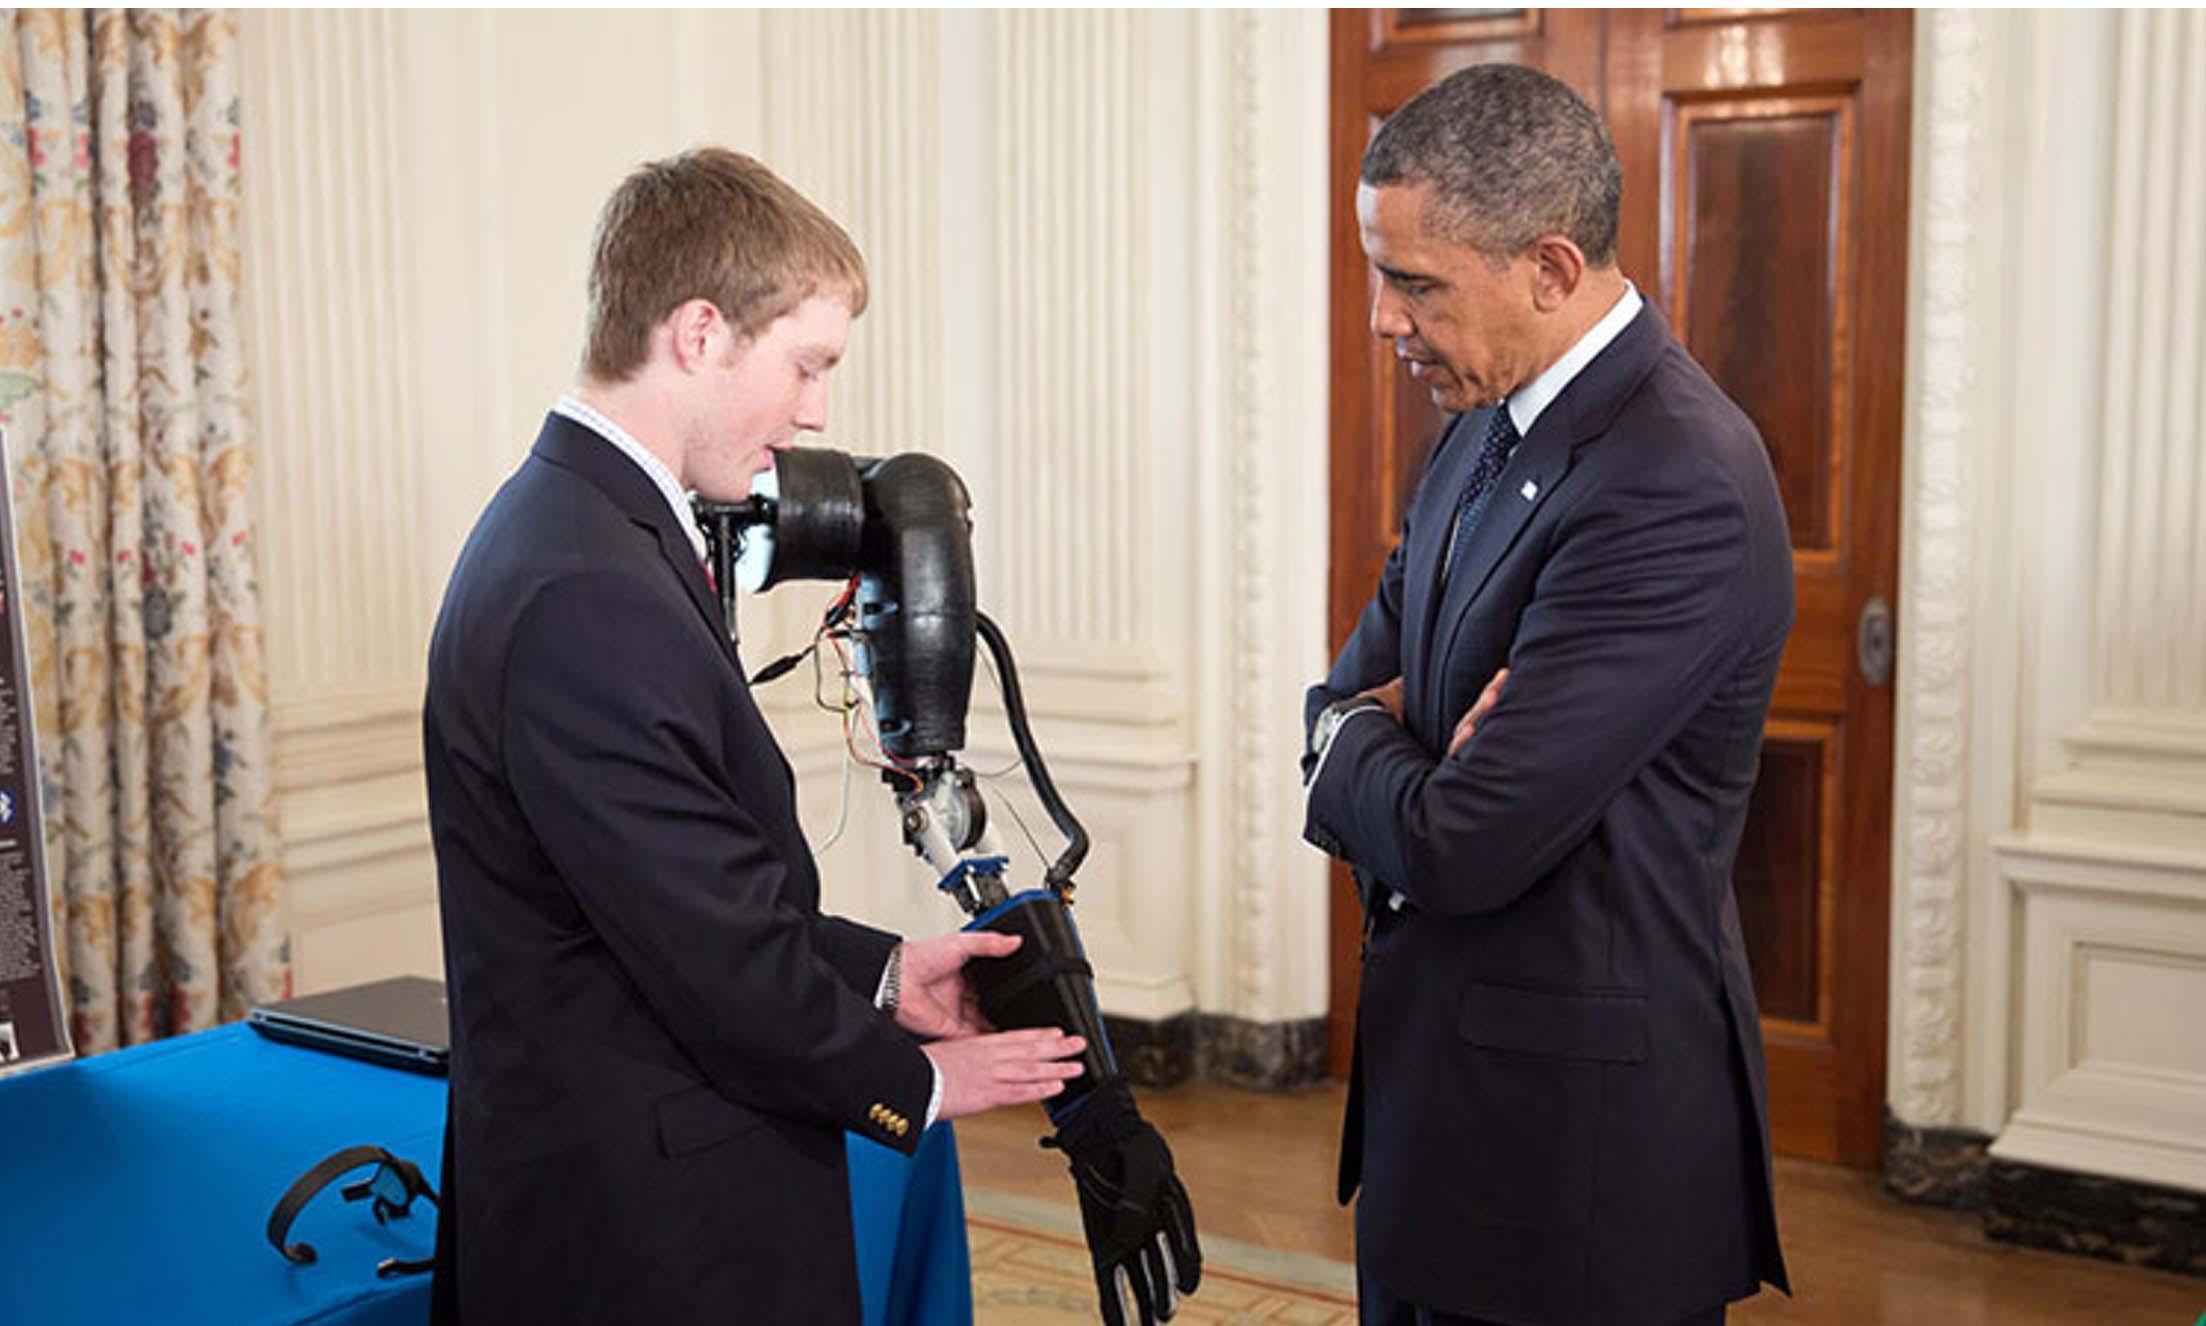 Easton LACHAPELLE présente sa prothèse de bras low cost devant Barack OBAMA